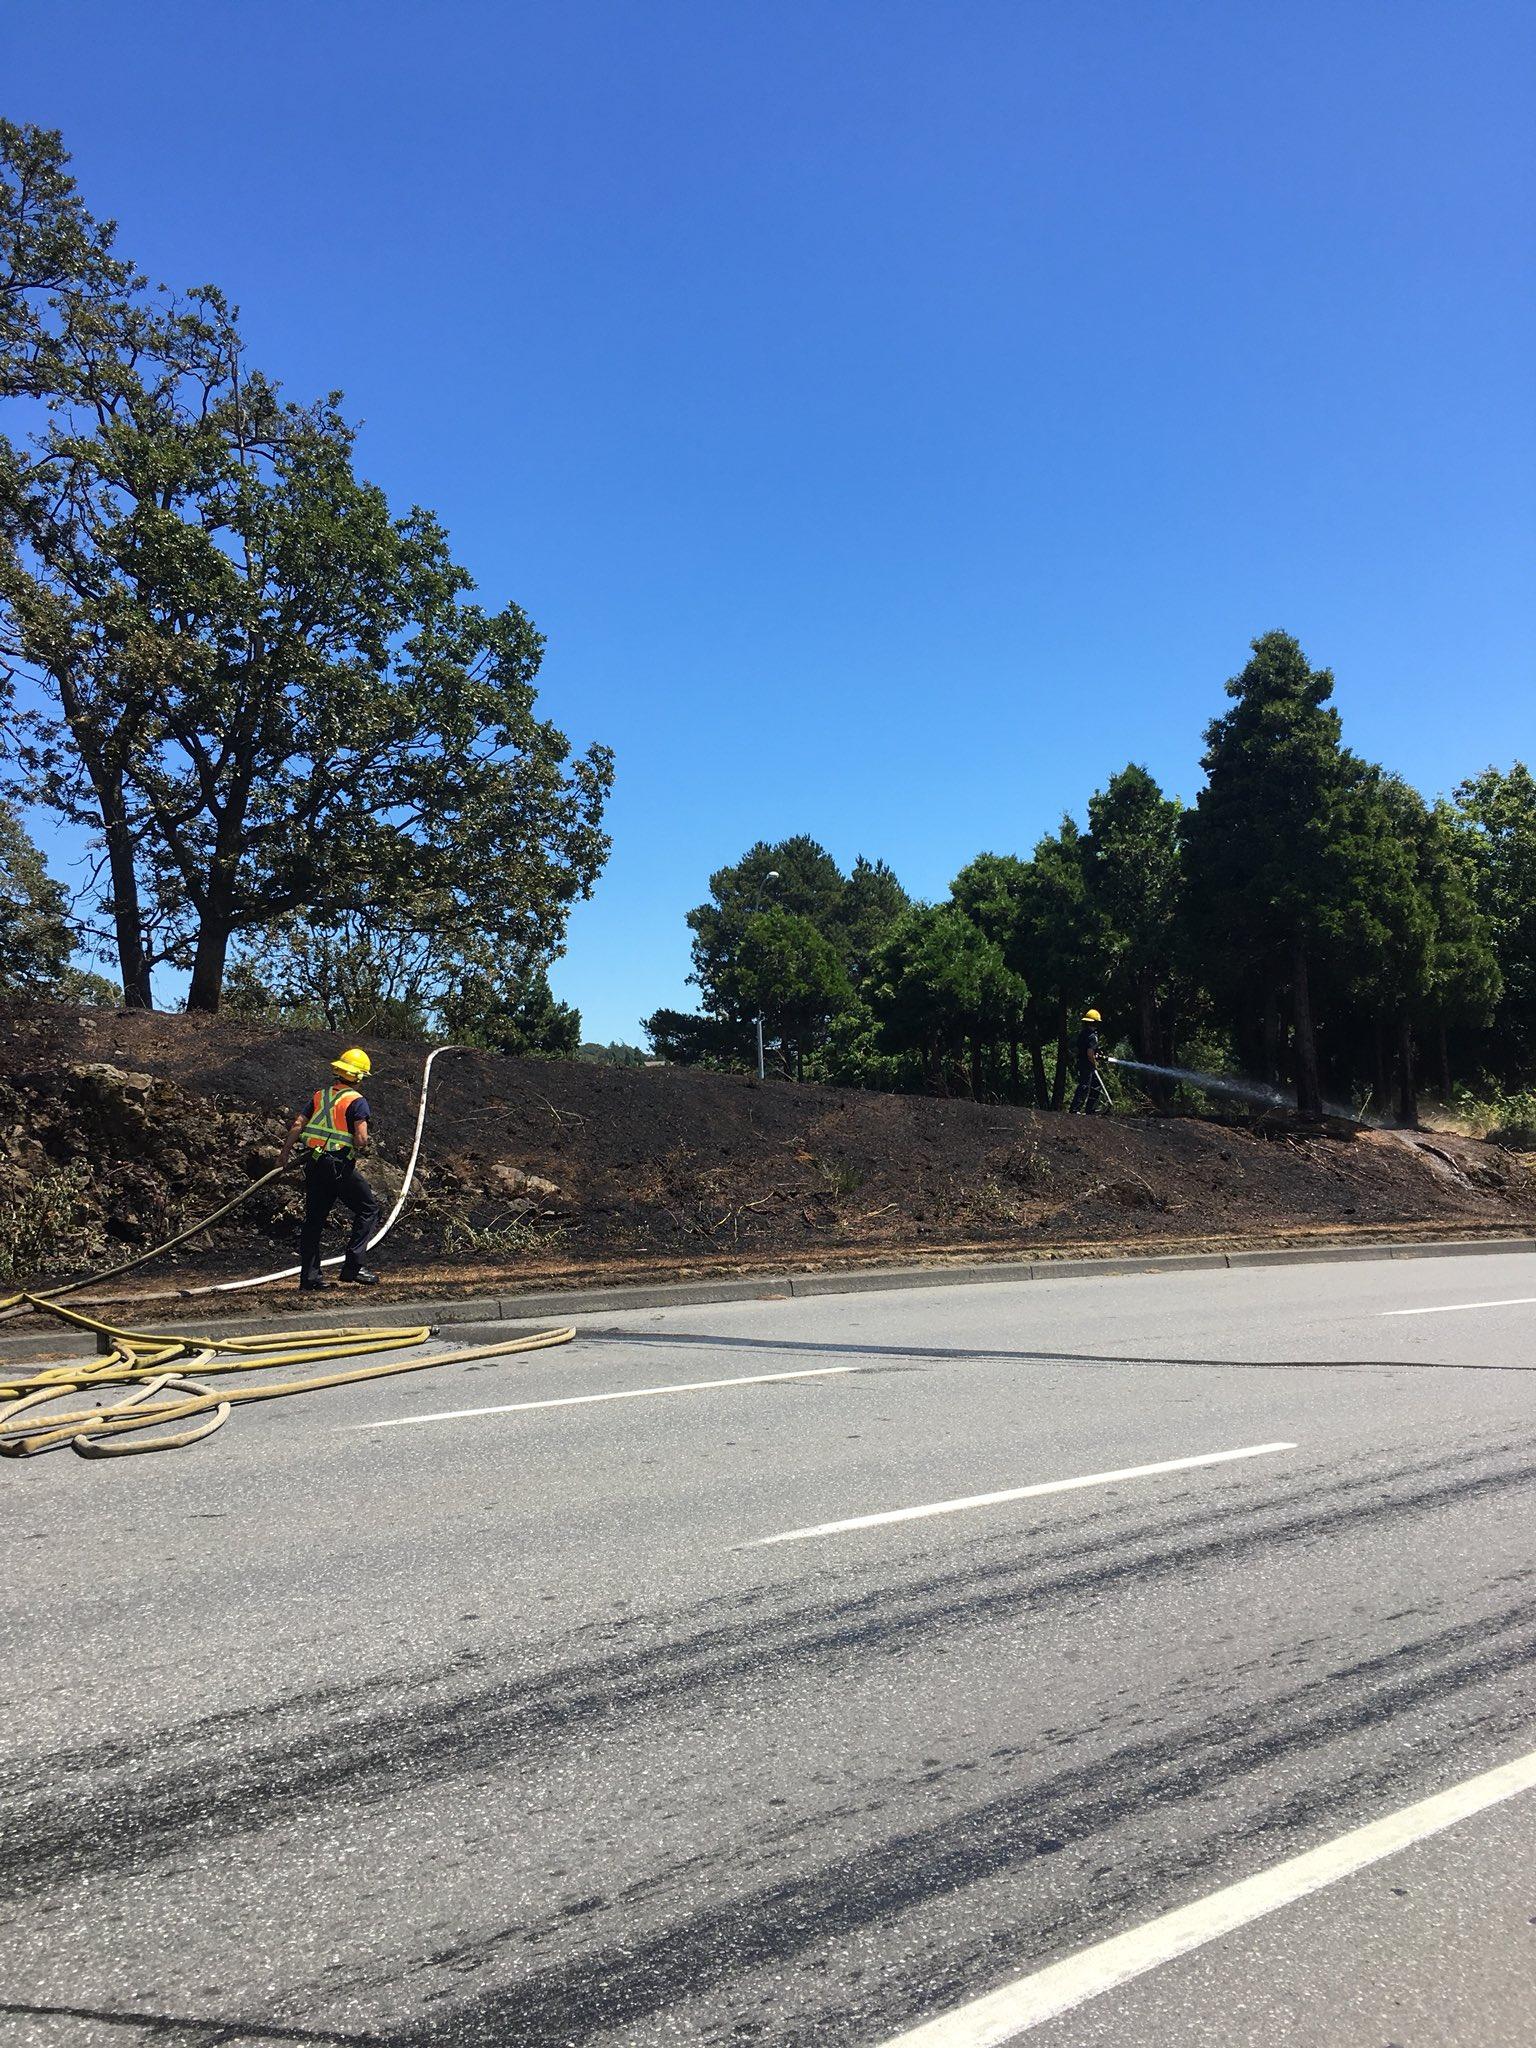 Saanich fire crews put out grass fire on Blanshard St.